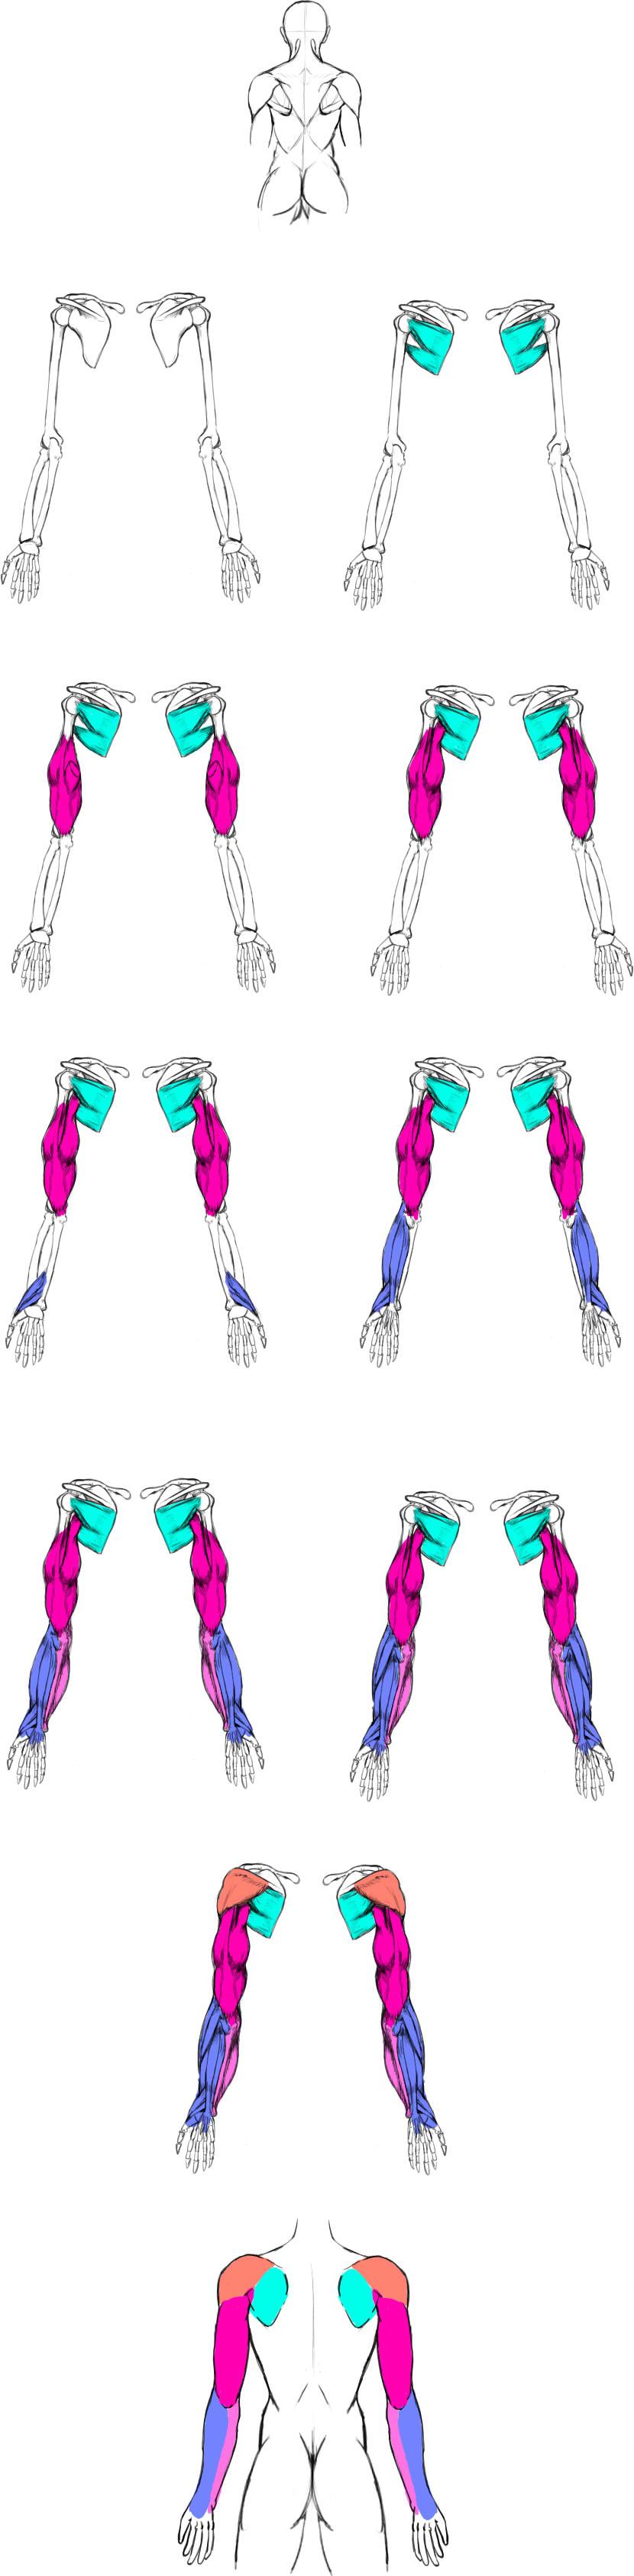 腕の筋肉説明13